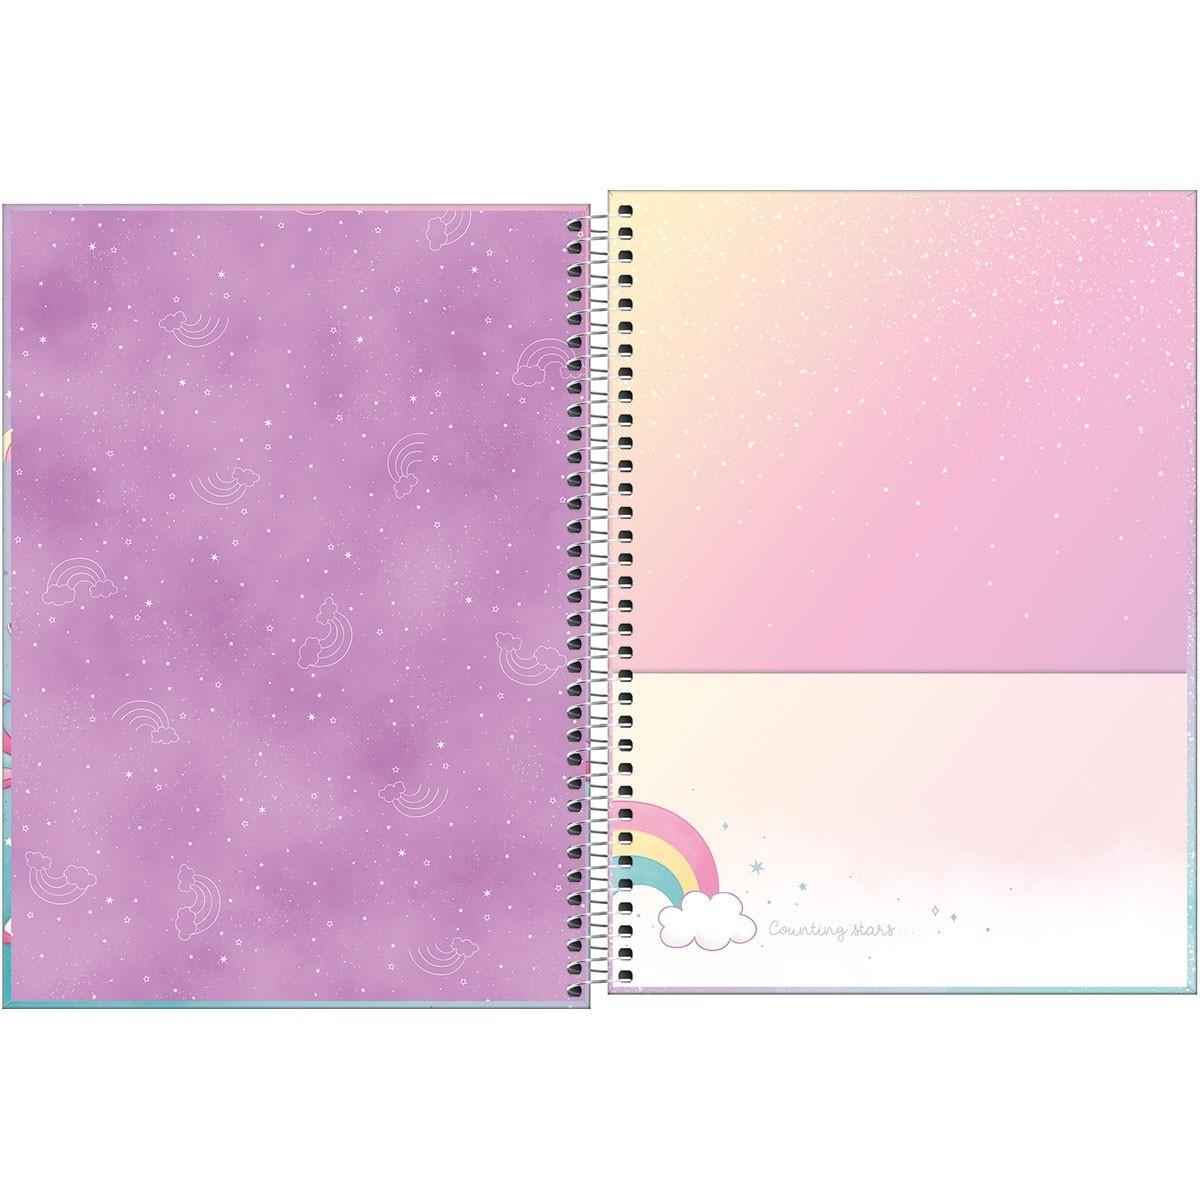 Caderno Espiral Capa Dura Universitário 10 Matérias Blink 160 Folhas Tilibra